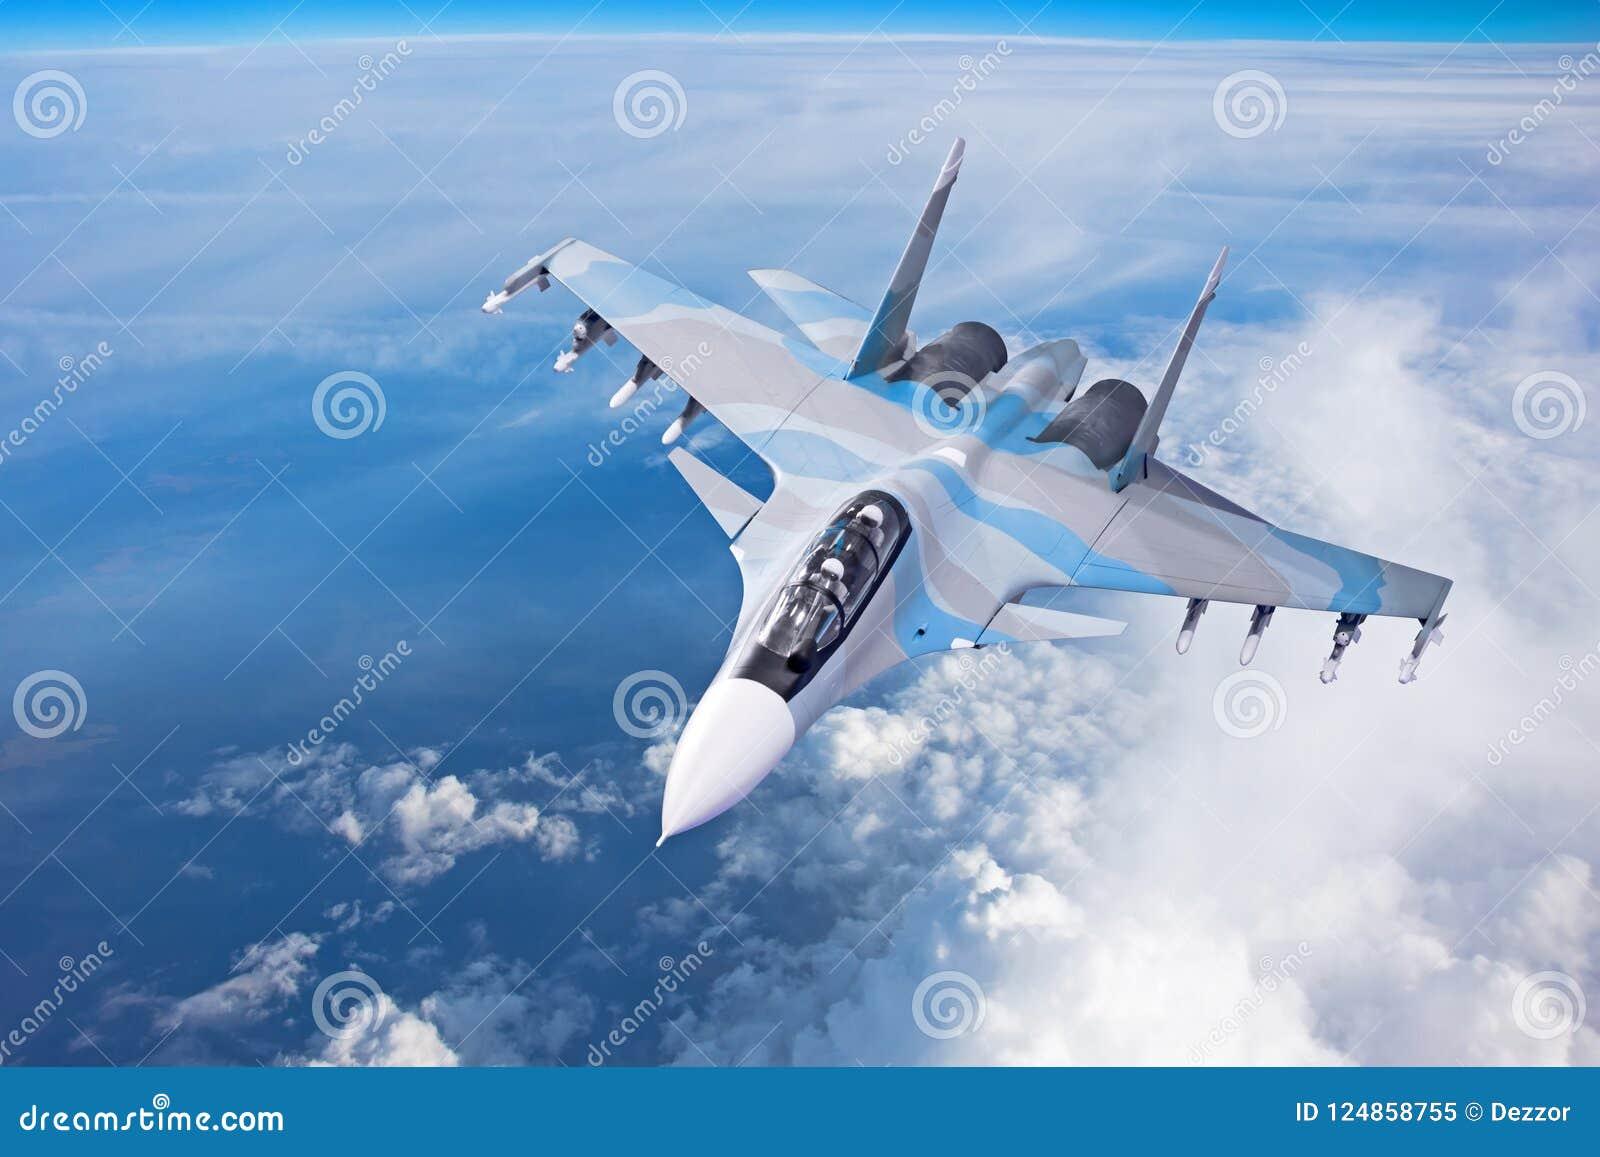 Stridjaktflygplan på en militär beskickning med vapen - raket, bombarderar, vapen på vingar flyger högt i himlen ovanför molnen